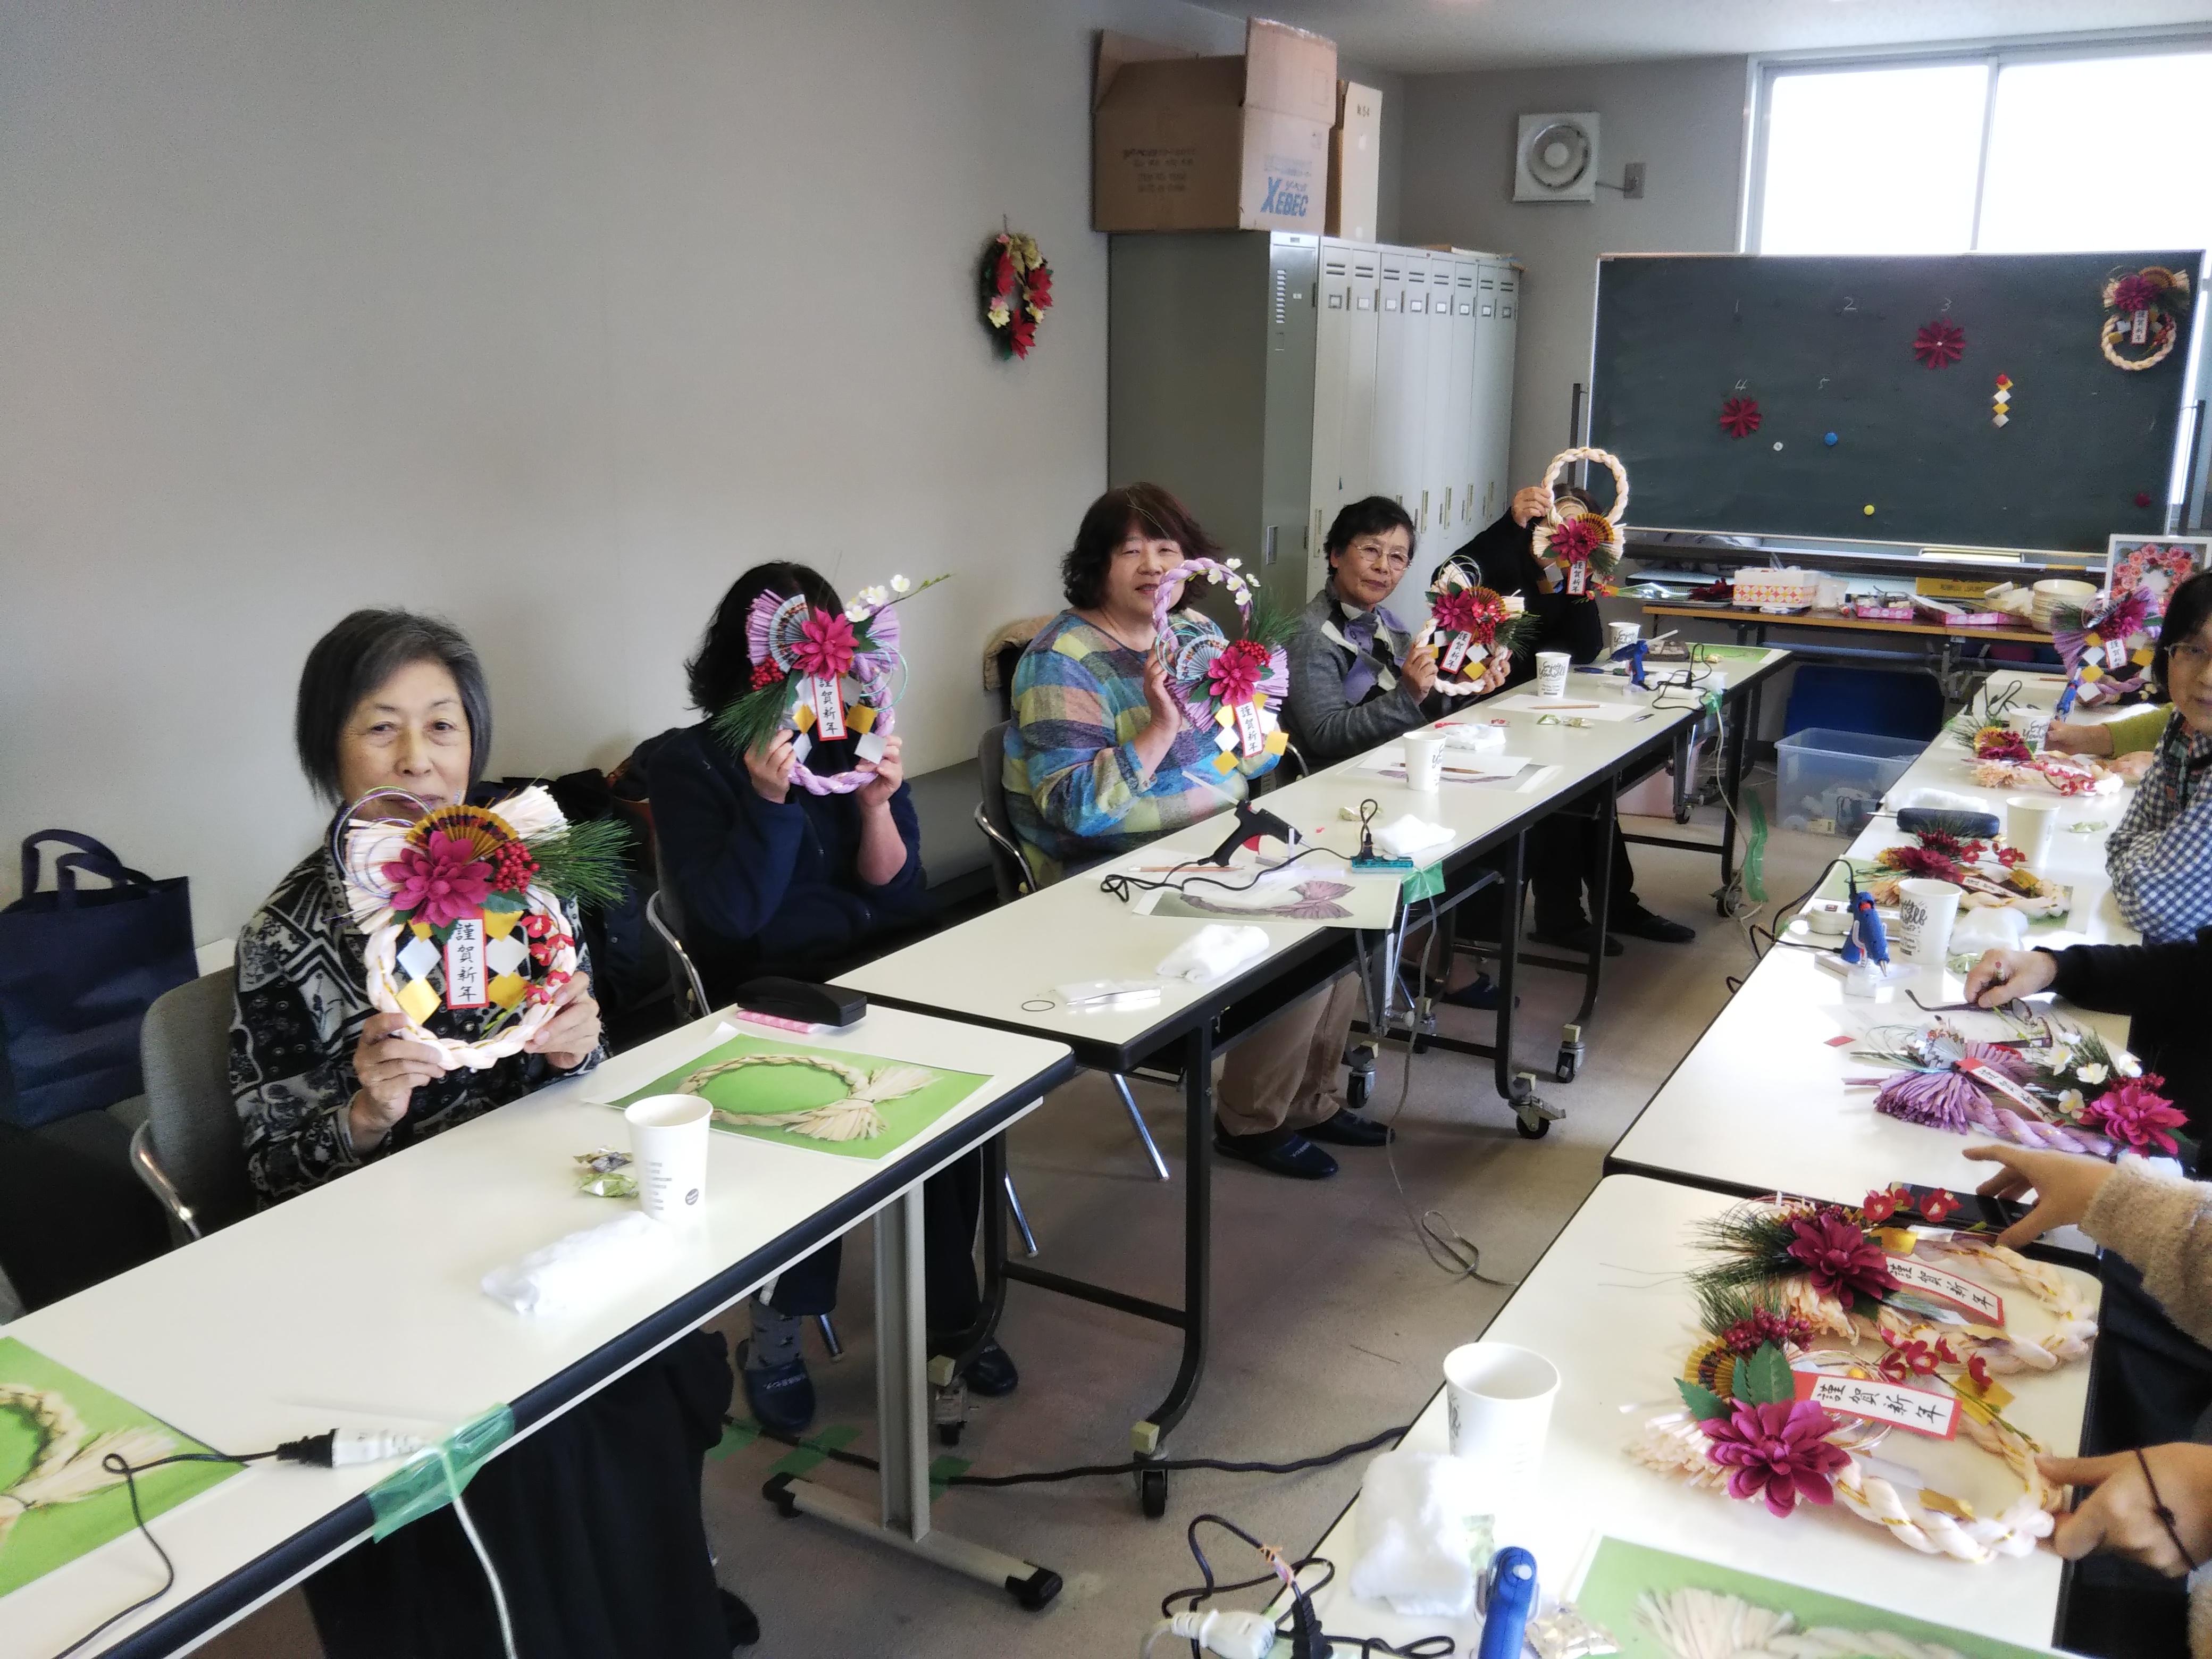 ペーパークラフトしめ縄作り教室